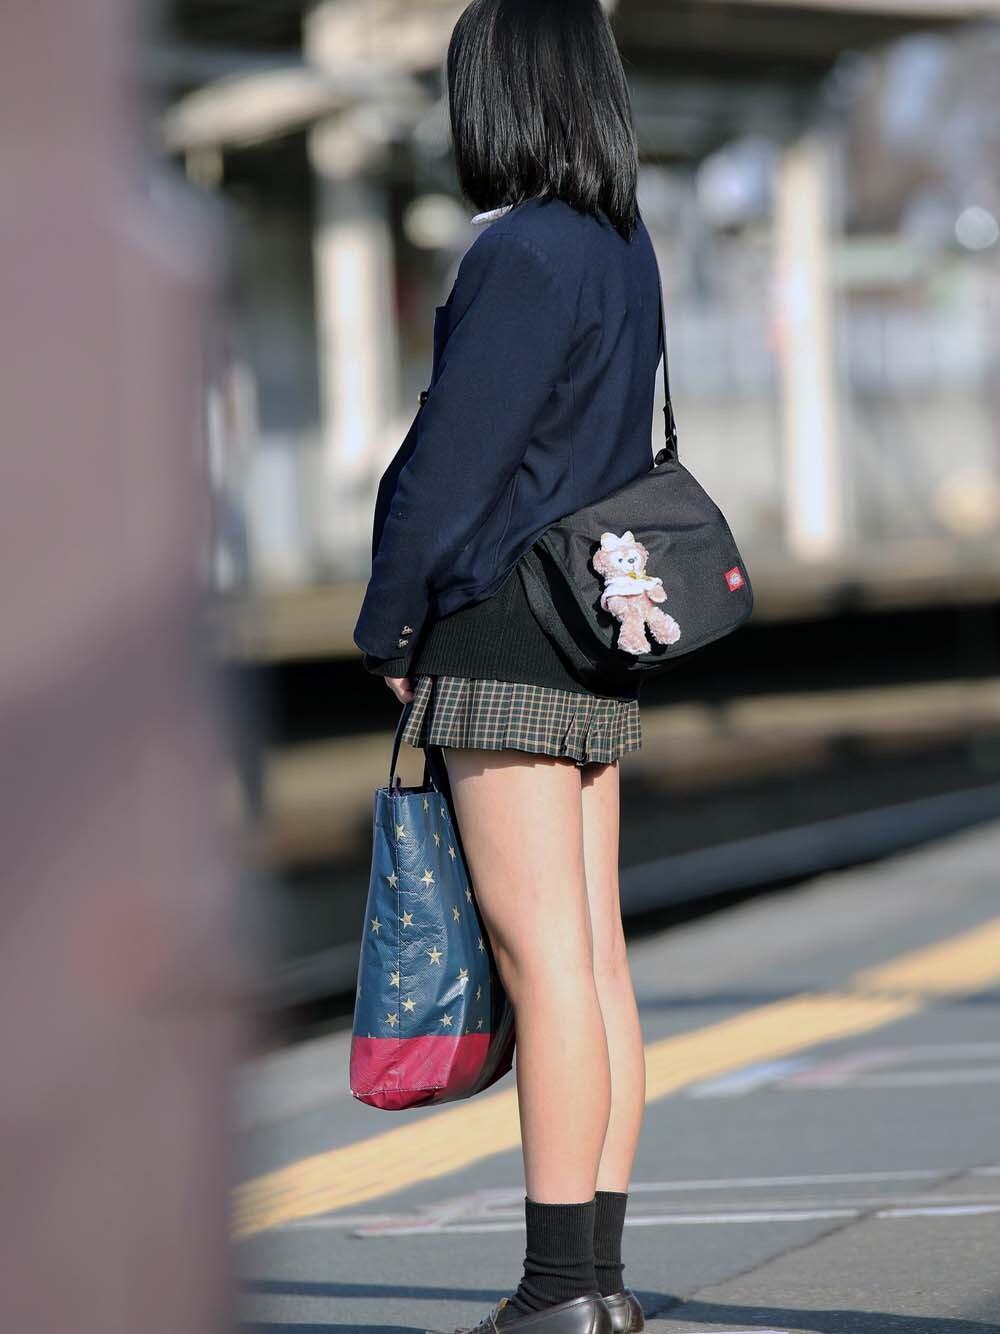 パンツが見えなくても抜ける女の子の太ももエロ画像 Irx4WdLeu3